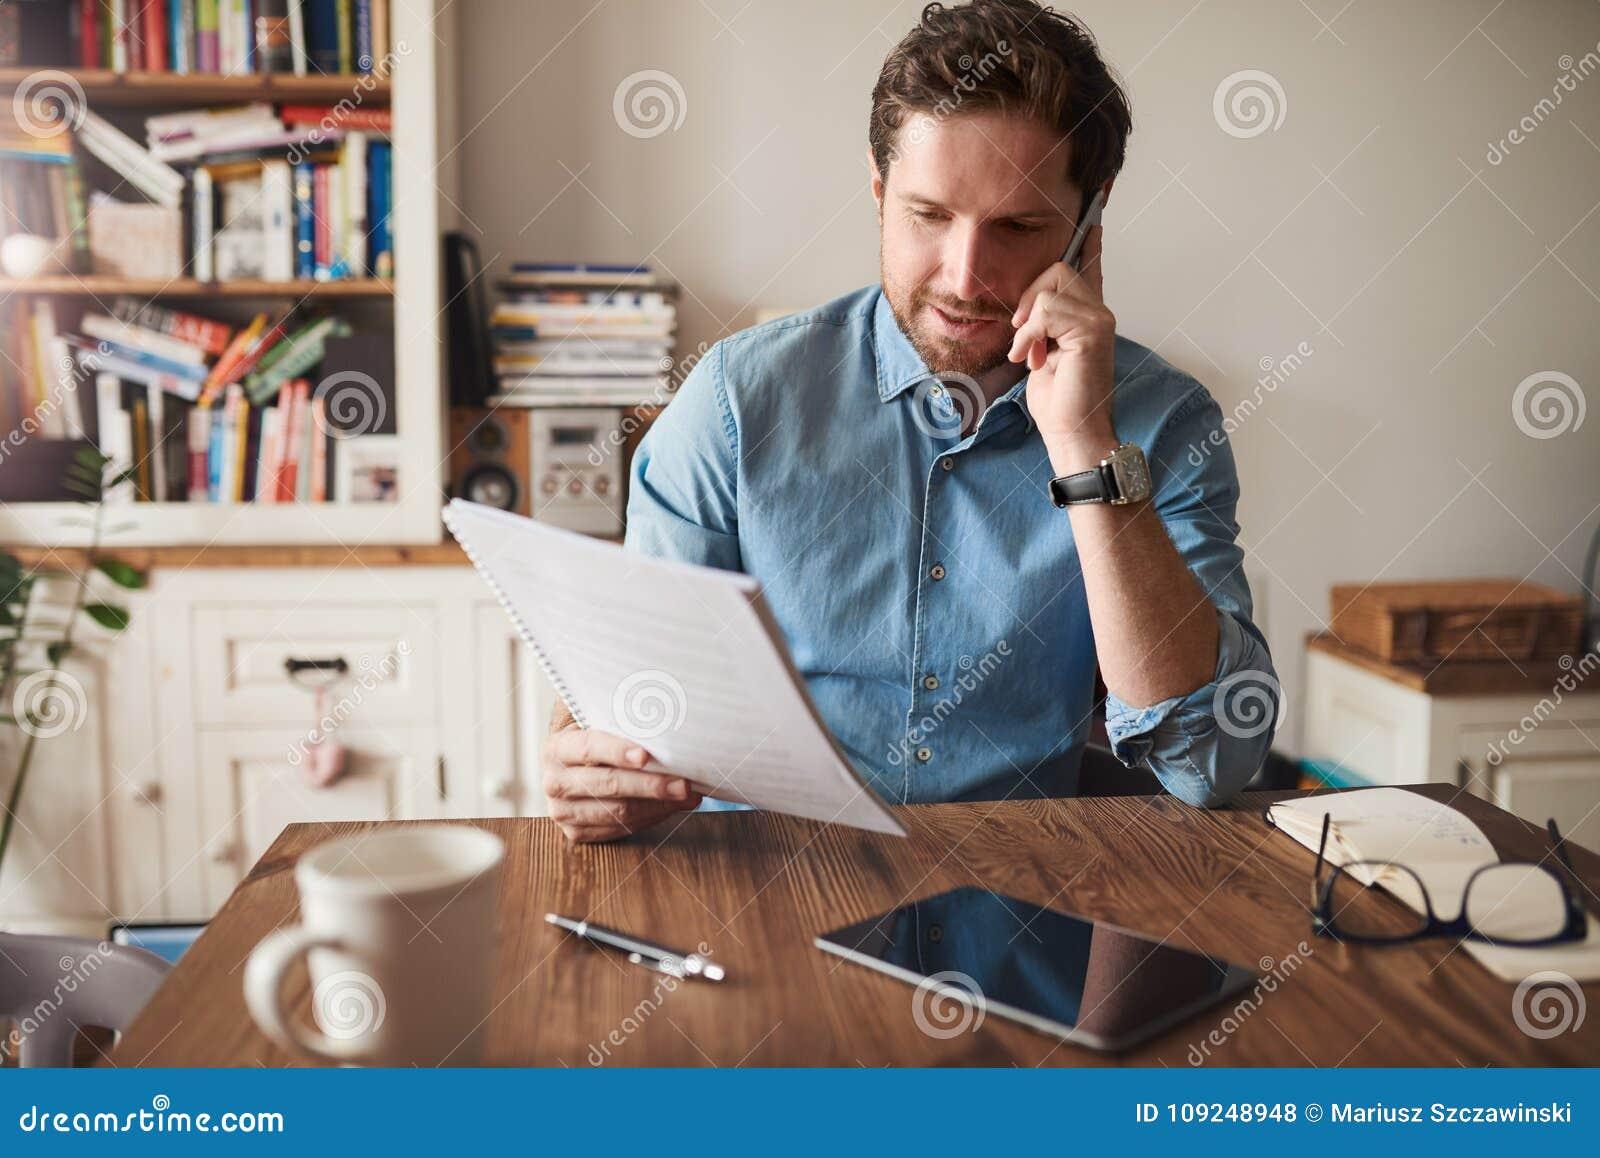 Man samtal på en mobiltelefon, medan läsa skrivbordsarbete hemma